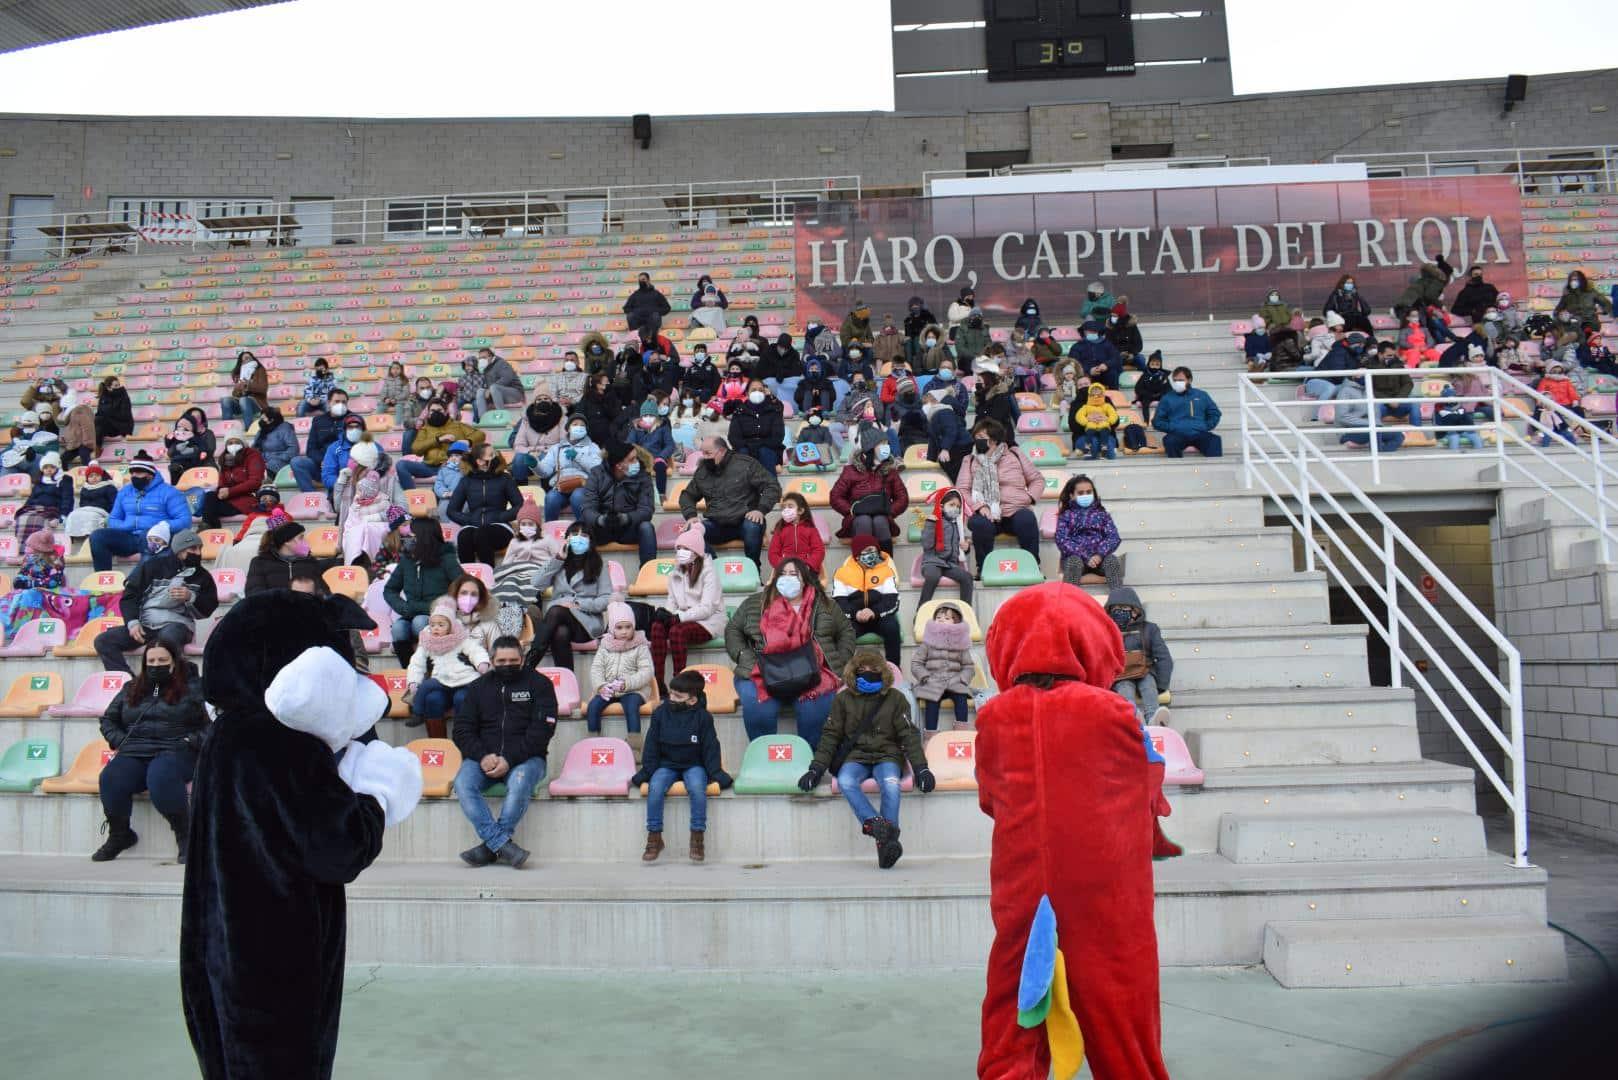 FOTOS: La magia de los Reyes Magos llega a Haro 21